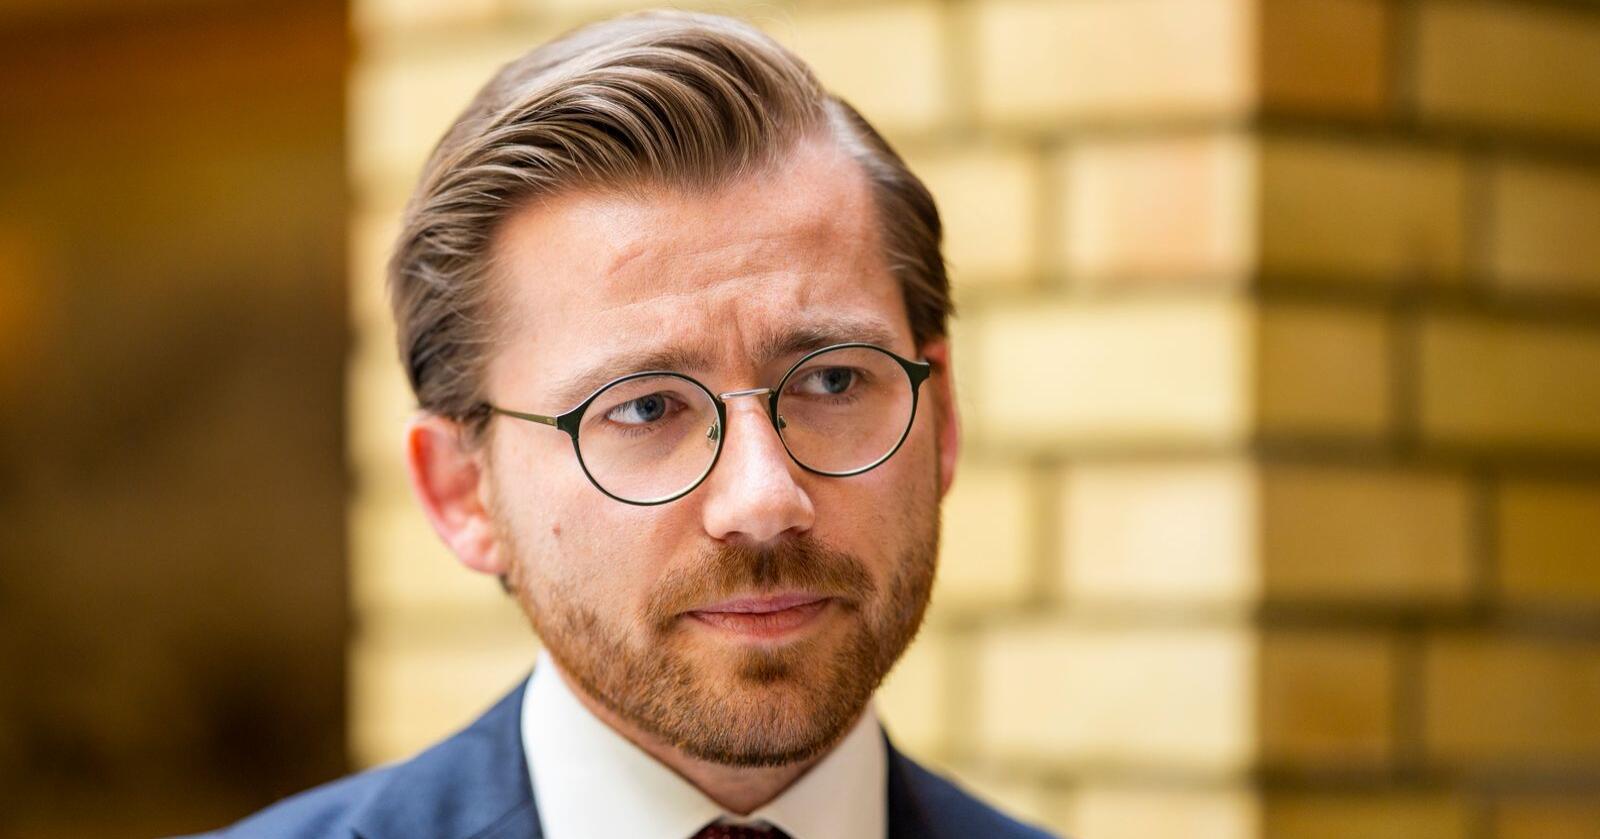 Klima- og miljøminister Sveinung Rotevatn (V) skriv at «gjeldande ordning bør oppretthaldast». Foto: Håkon Mosvold Larsen / NTB scanpix